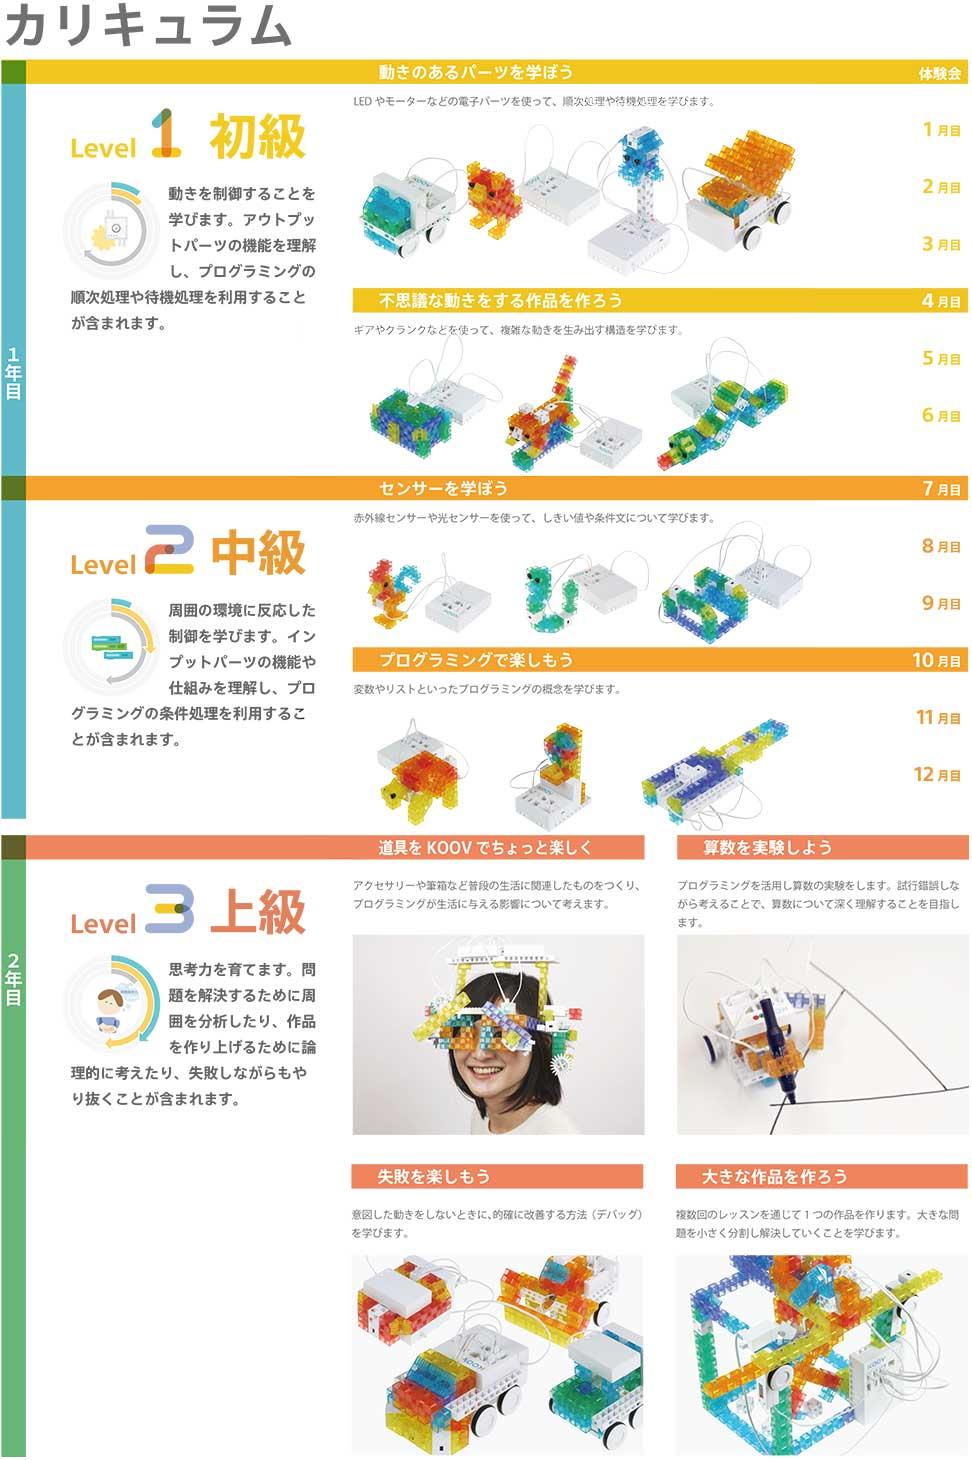 ロボットプログラミングKOOVのブロック一覧表